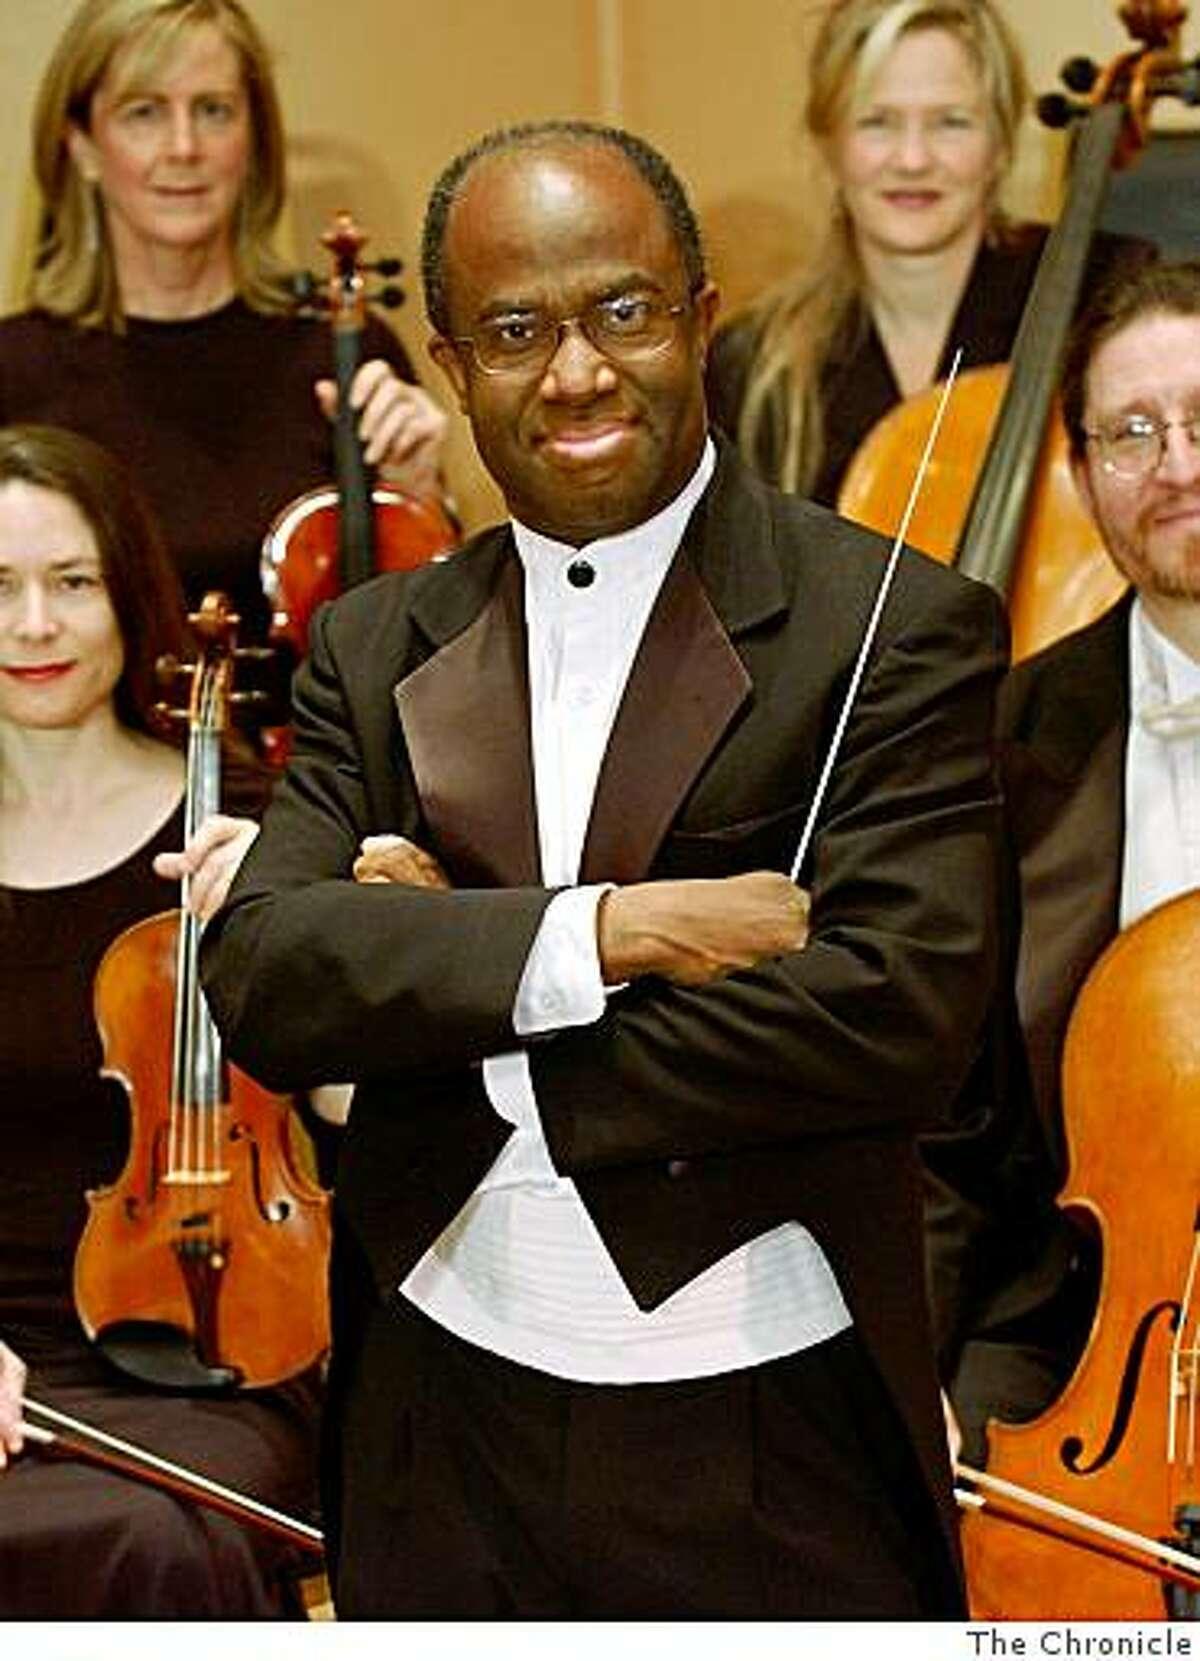 conductor Michael Morgan